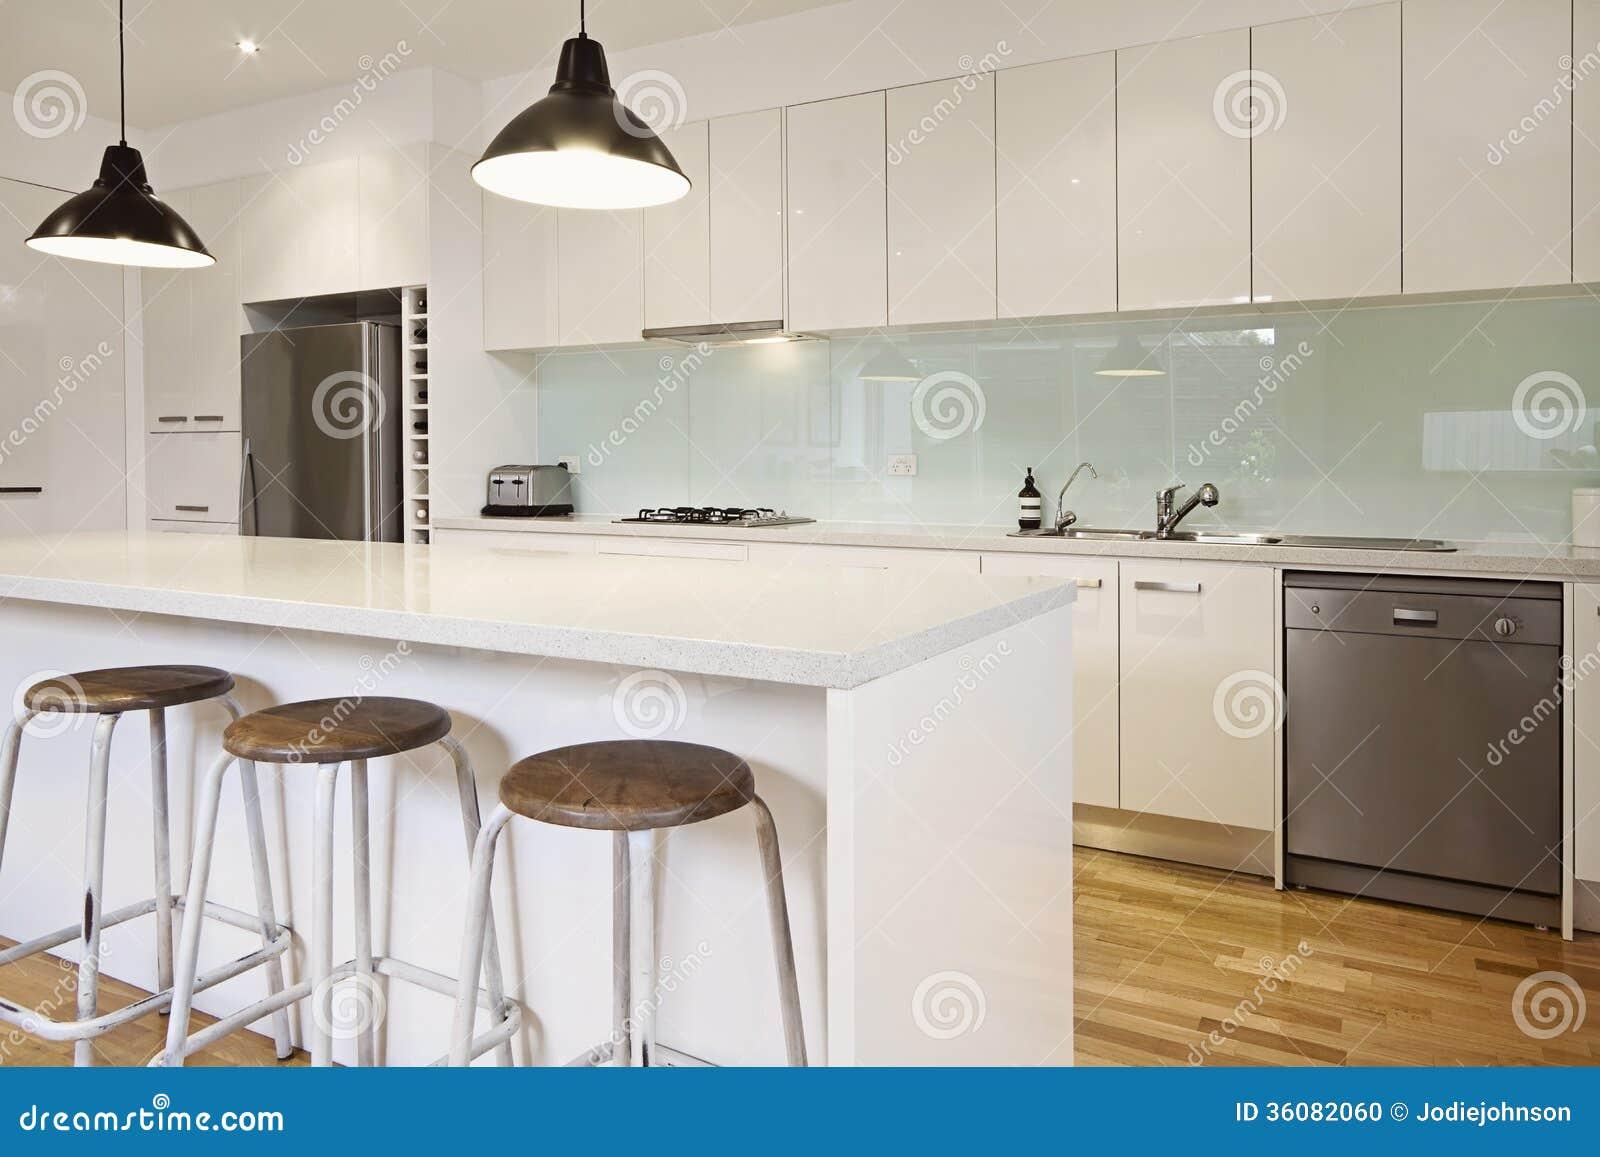 Witte eigentijdse keuken met eiland stock foto afbeelding 36082060 - Eigentijdse keuken tafel ...